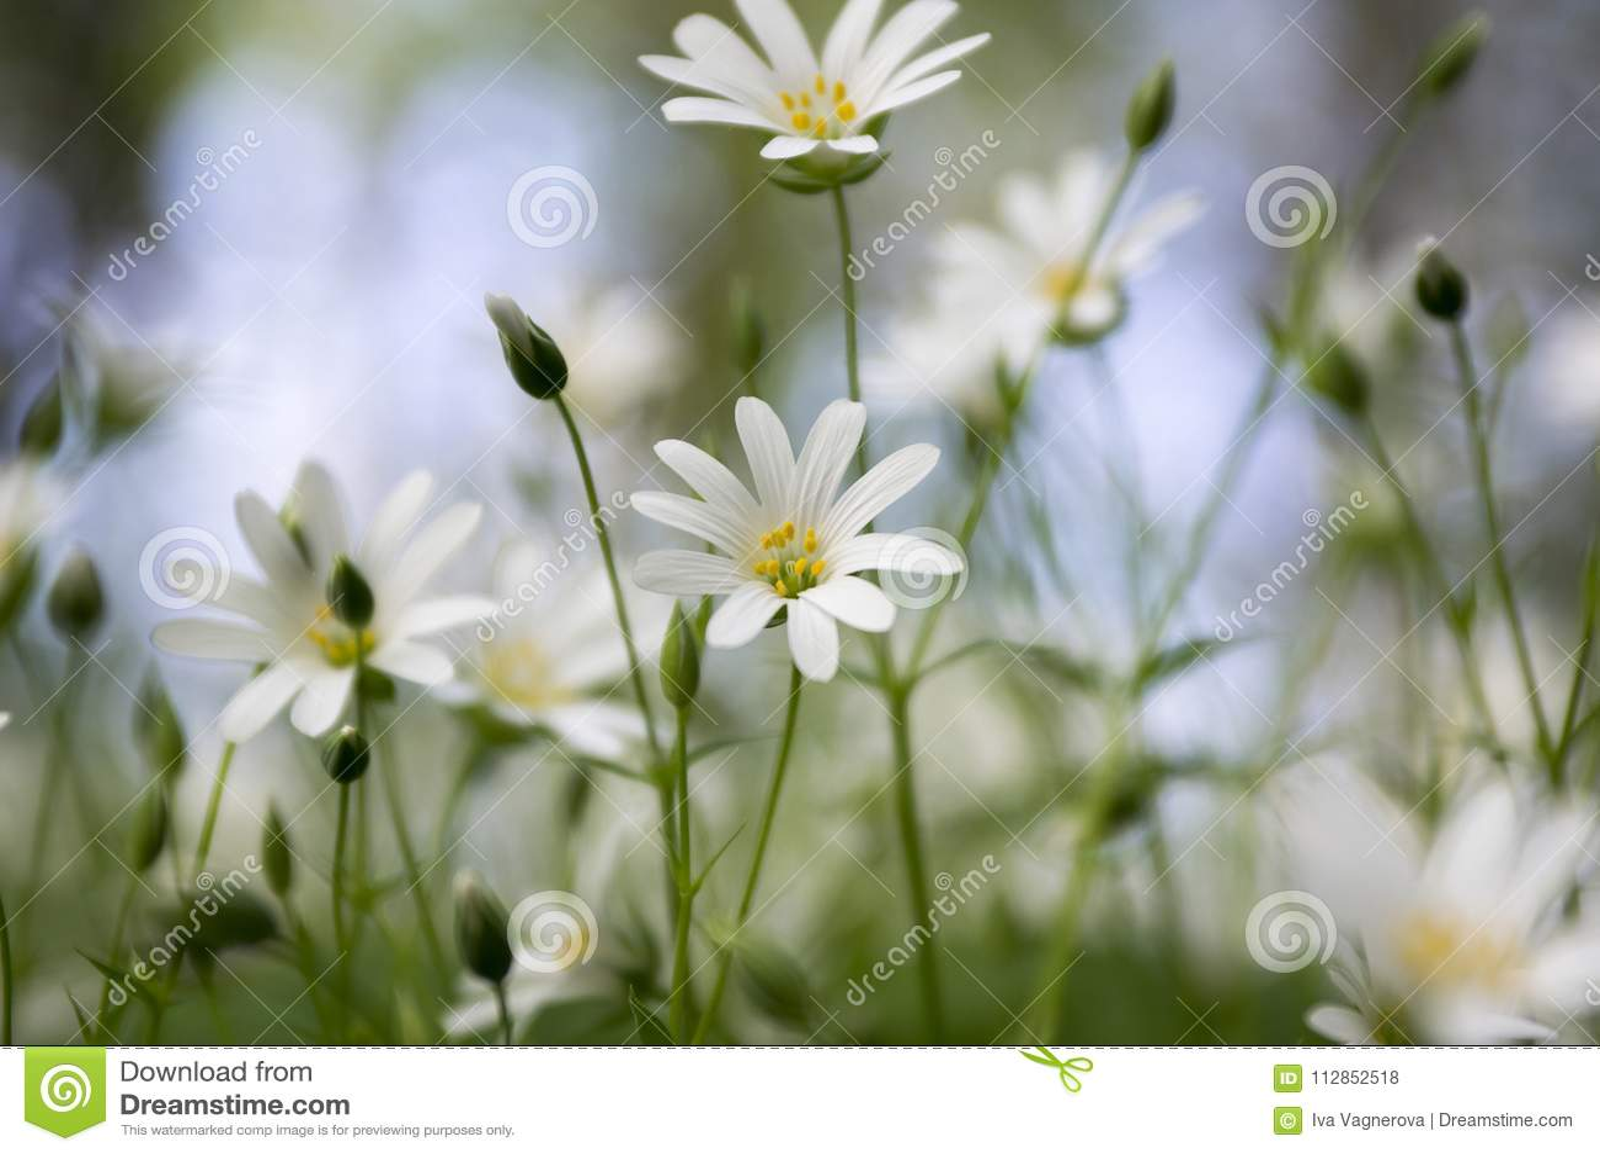 Stellaria Holostea Greater Stitchwort Perennial Flowers In Bloom